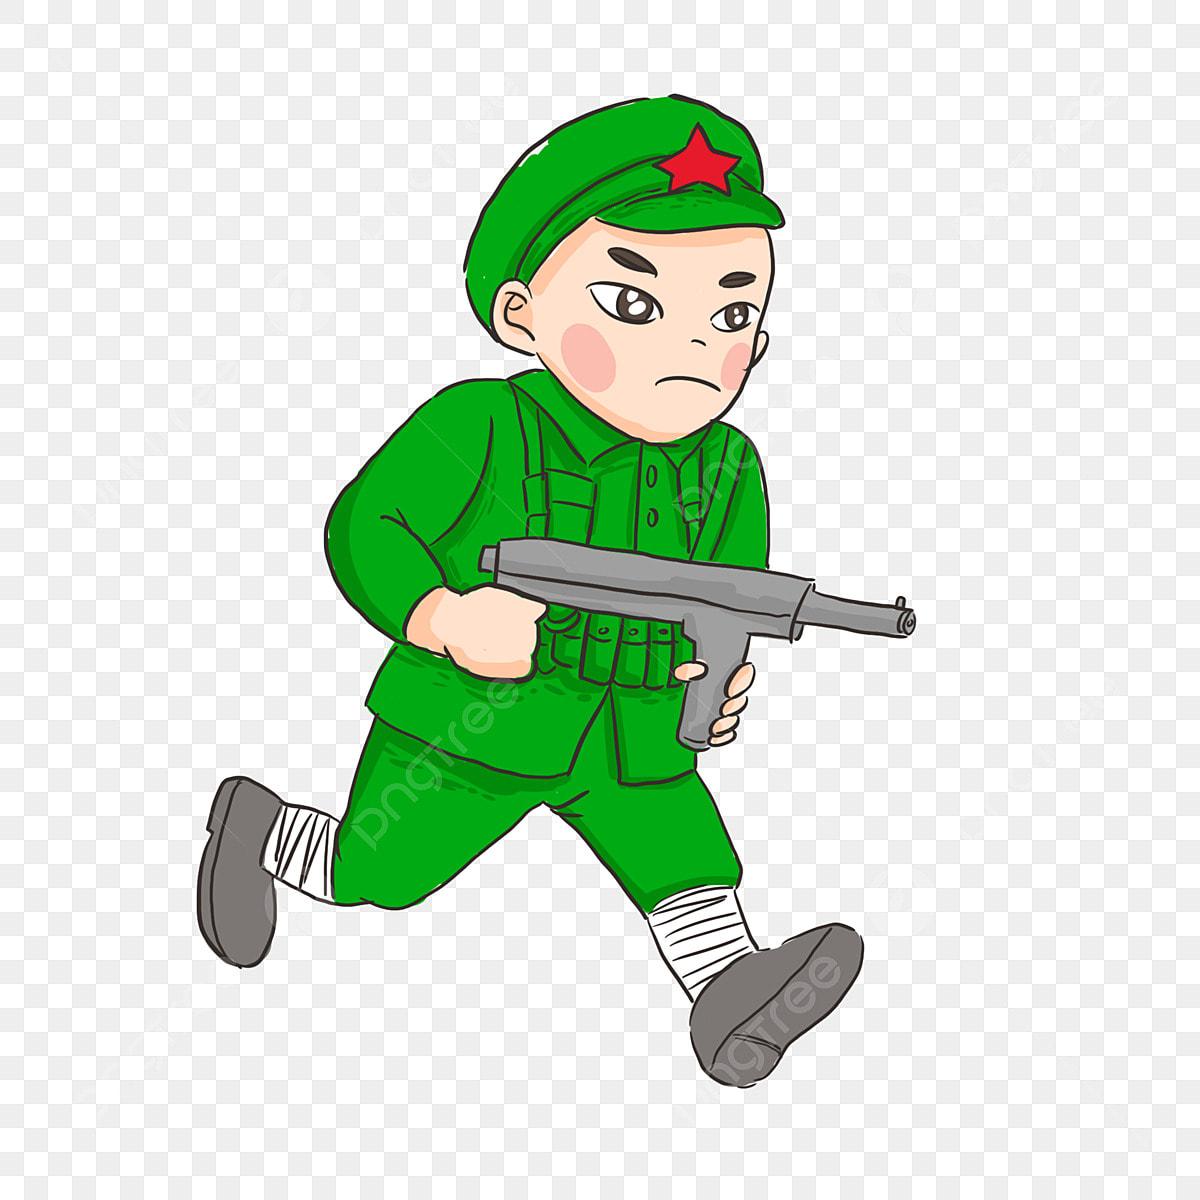 Gambar Warrior Tentera Merah Kartun Dengan Senapang Submachine Berjalan Memegang Senapan Submachine Berjalan Ke Hadapan Pahlawan Tentera Merah Png Dan Psd Untuk Muat Turun Percuma